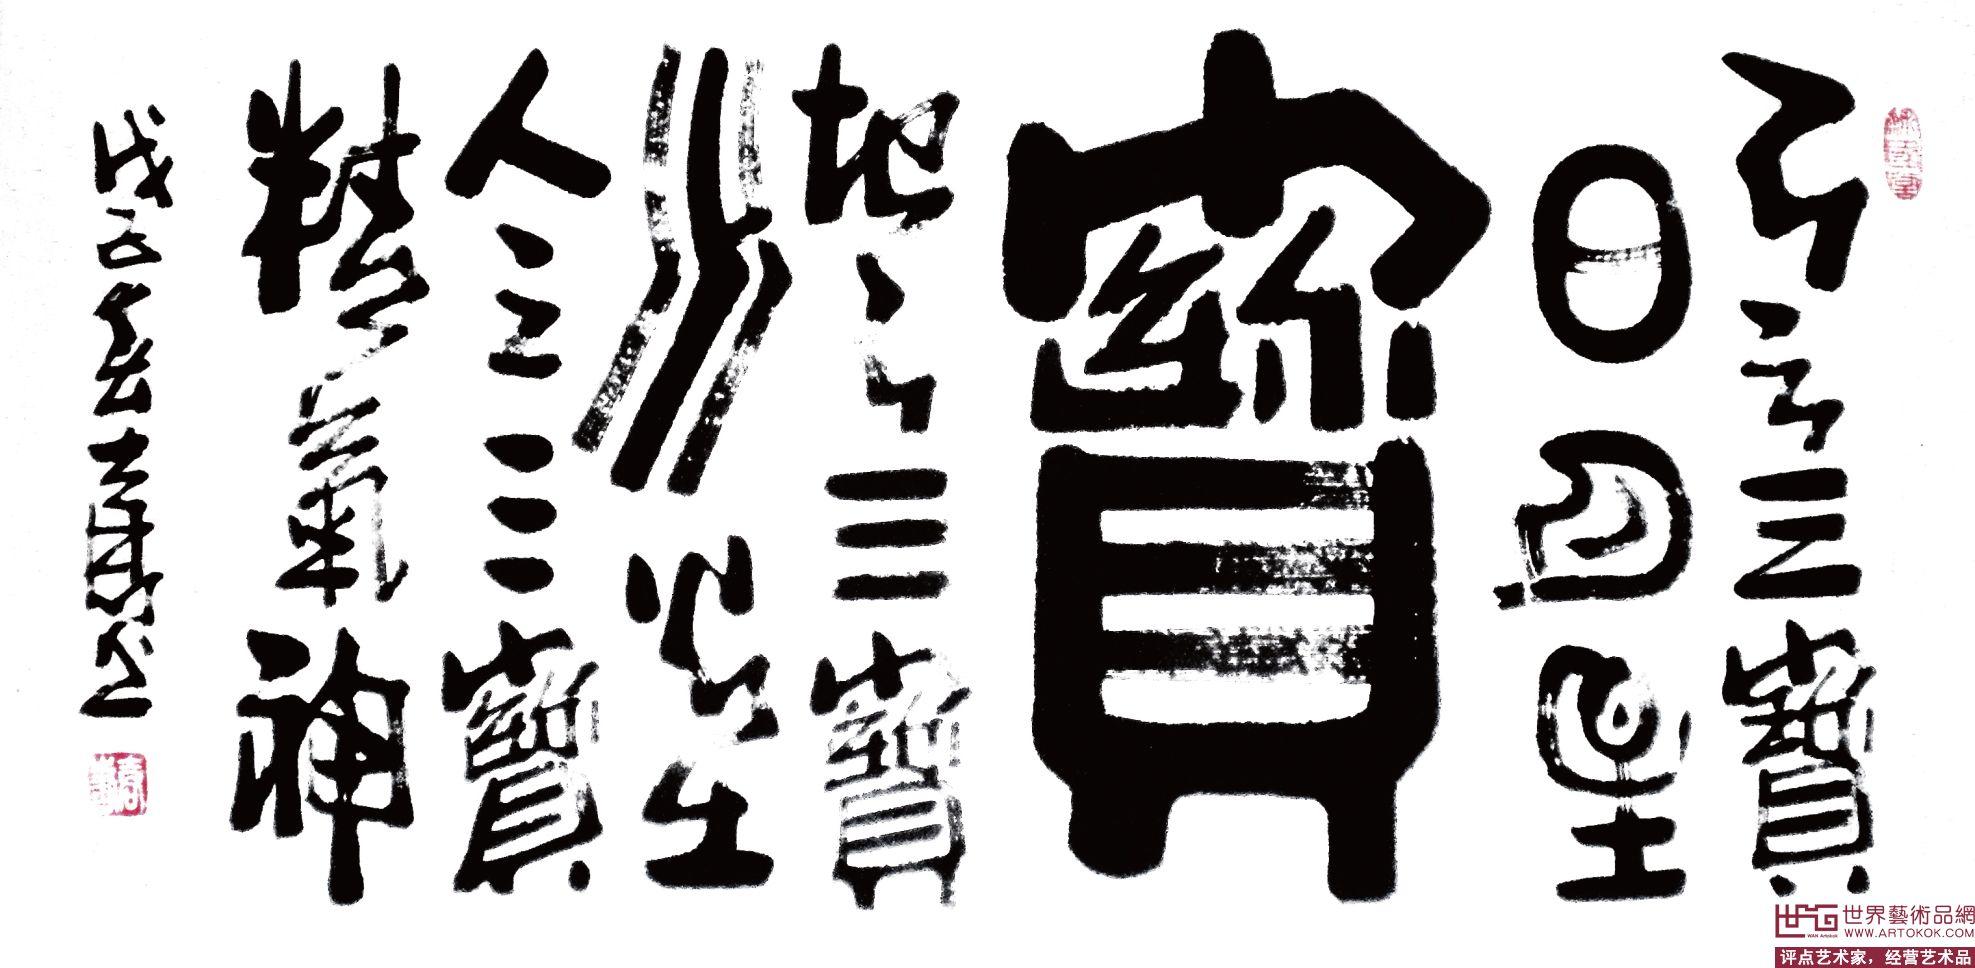 朱士君-三宝-淘宝-名人字画-中国书画交易中心,中国,.